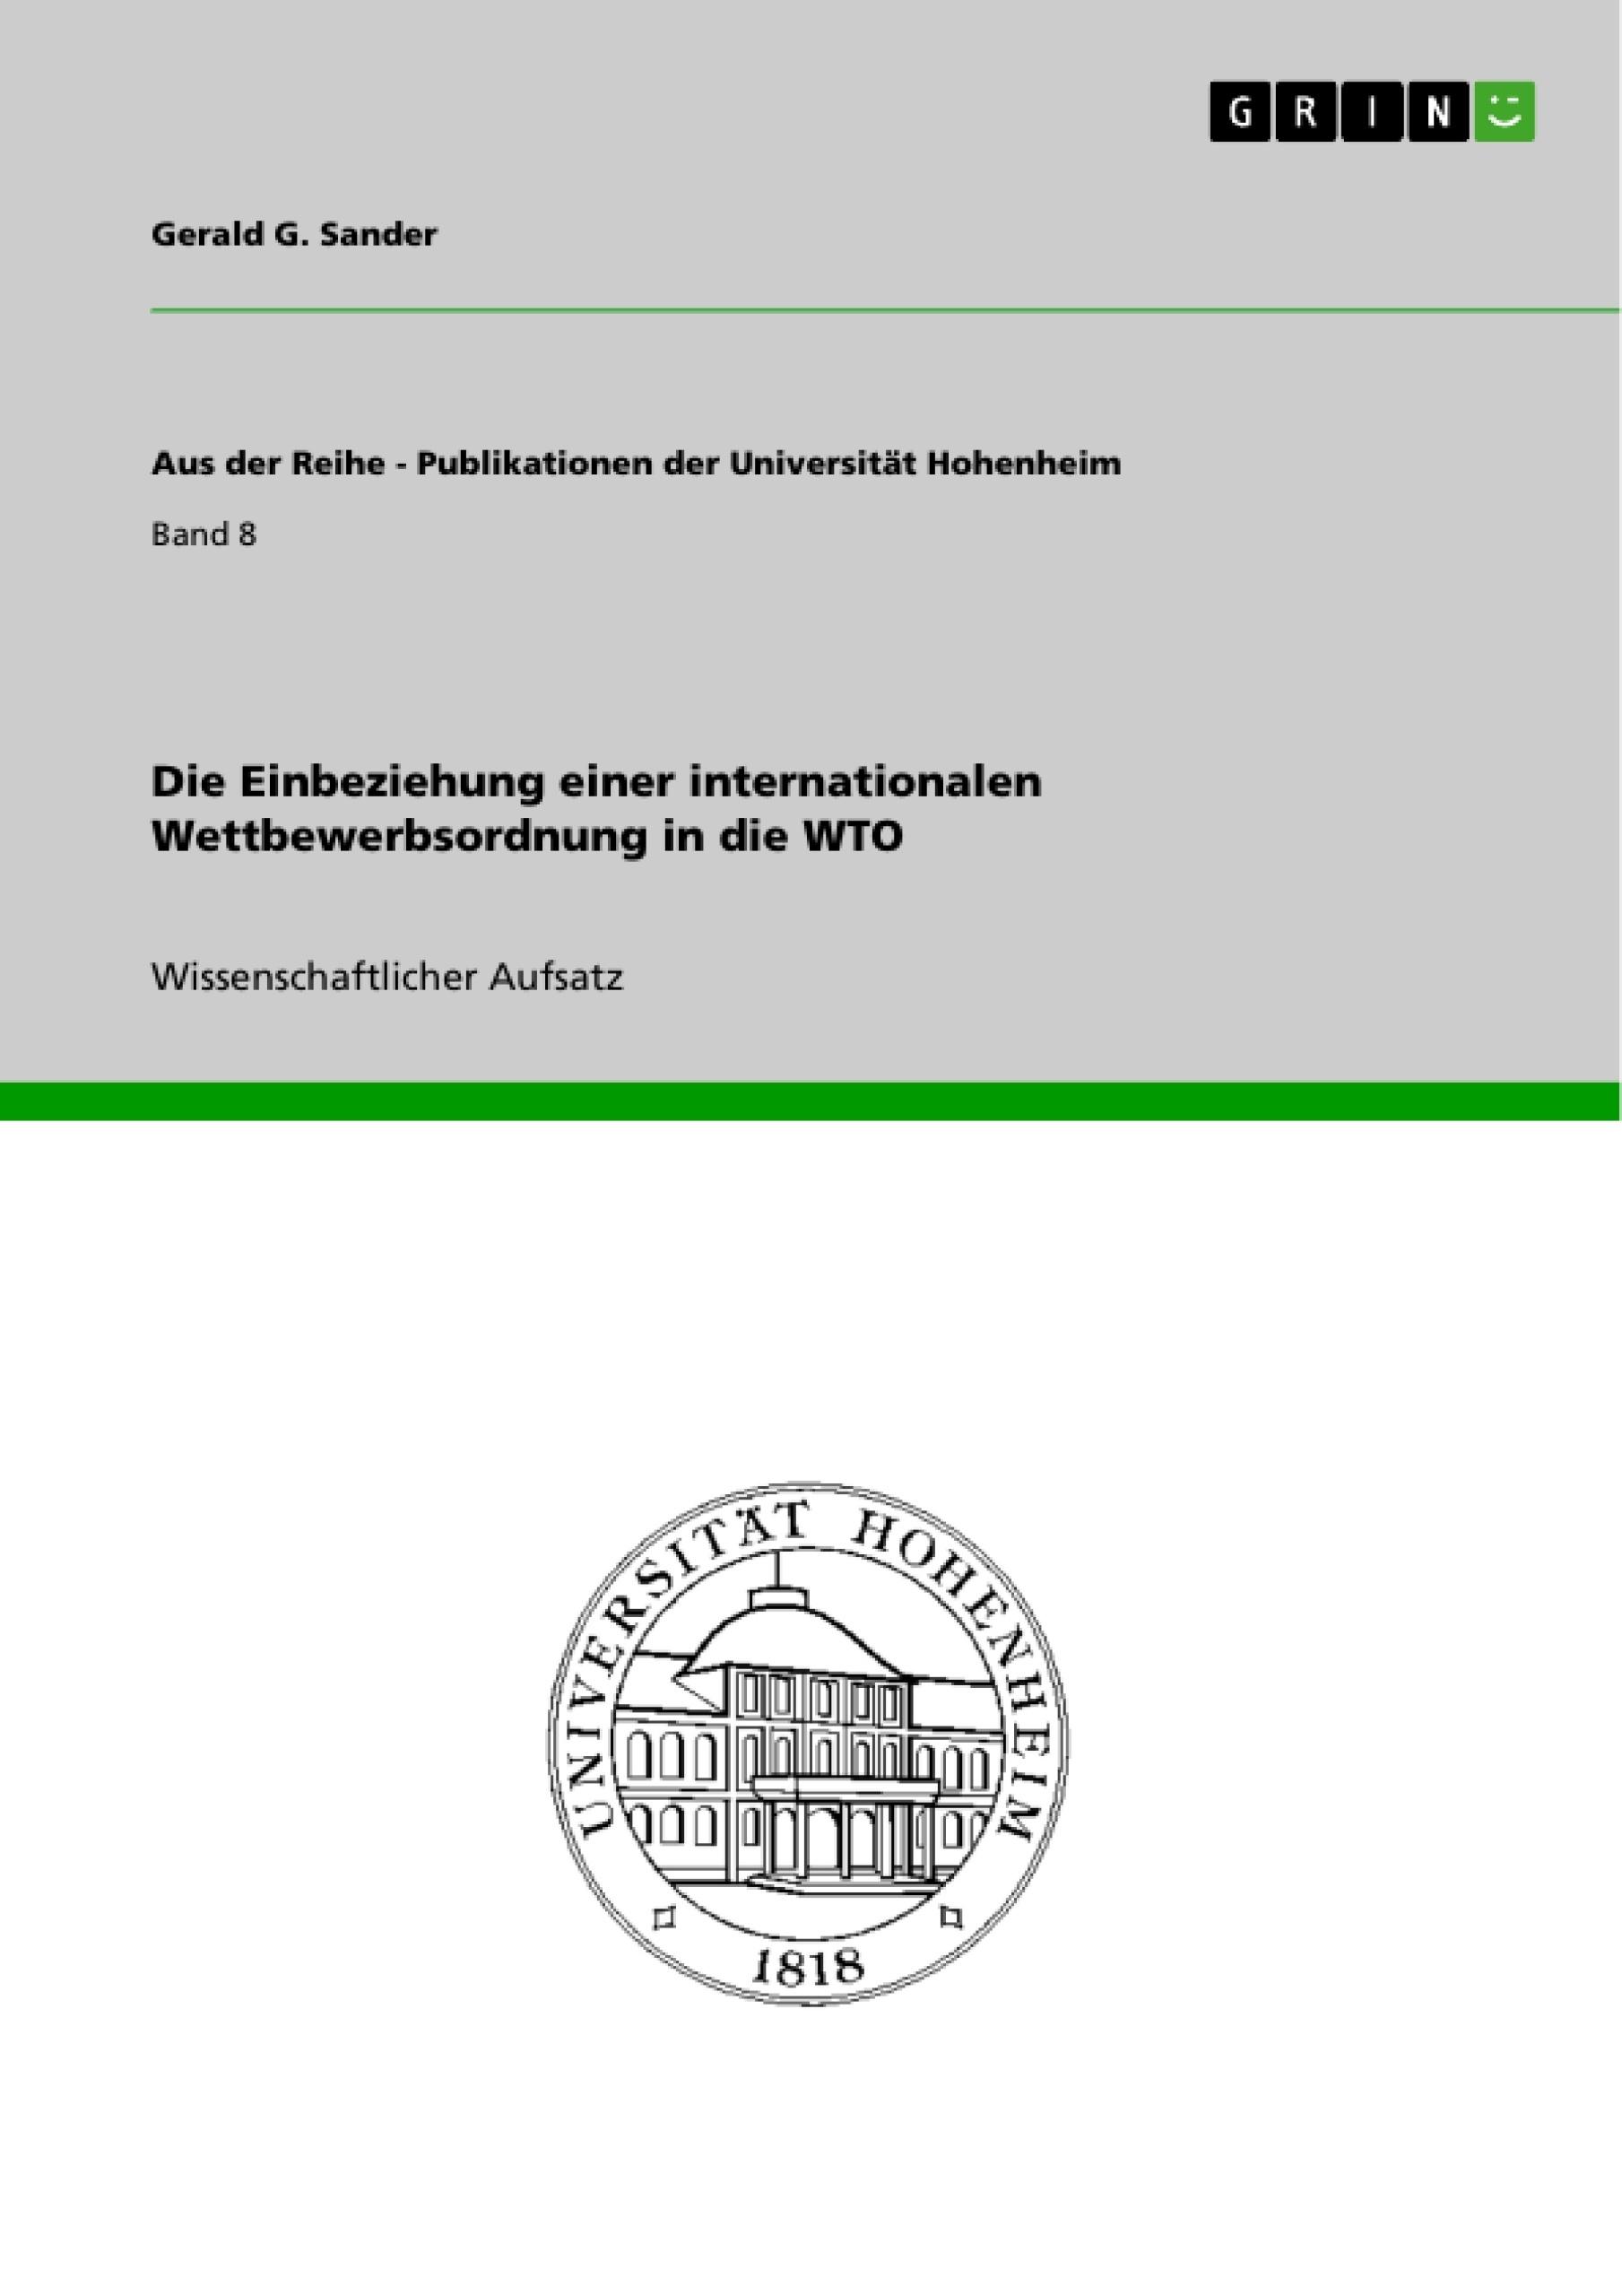 Titel: Die Einbeziehung einer internationalen Wettbewerbsordnung in die WTO